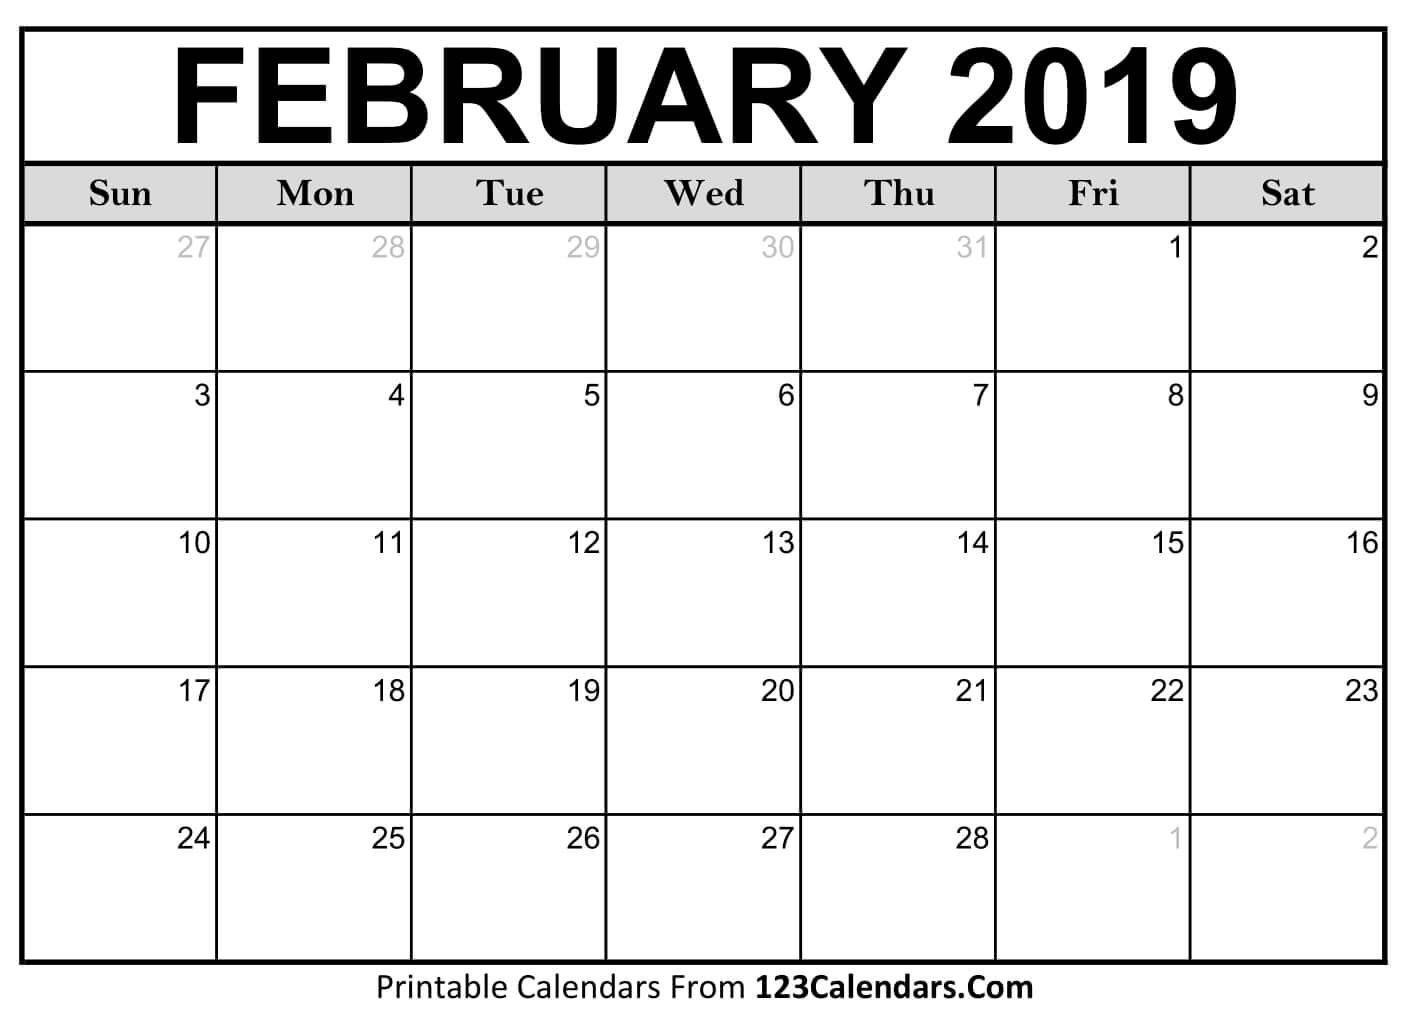 Printable February 2019 Calendar Templates – 123Calendars February 1 2019 Calendar